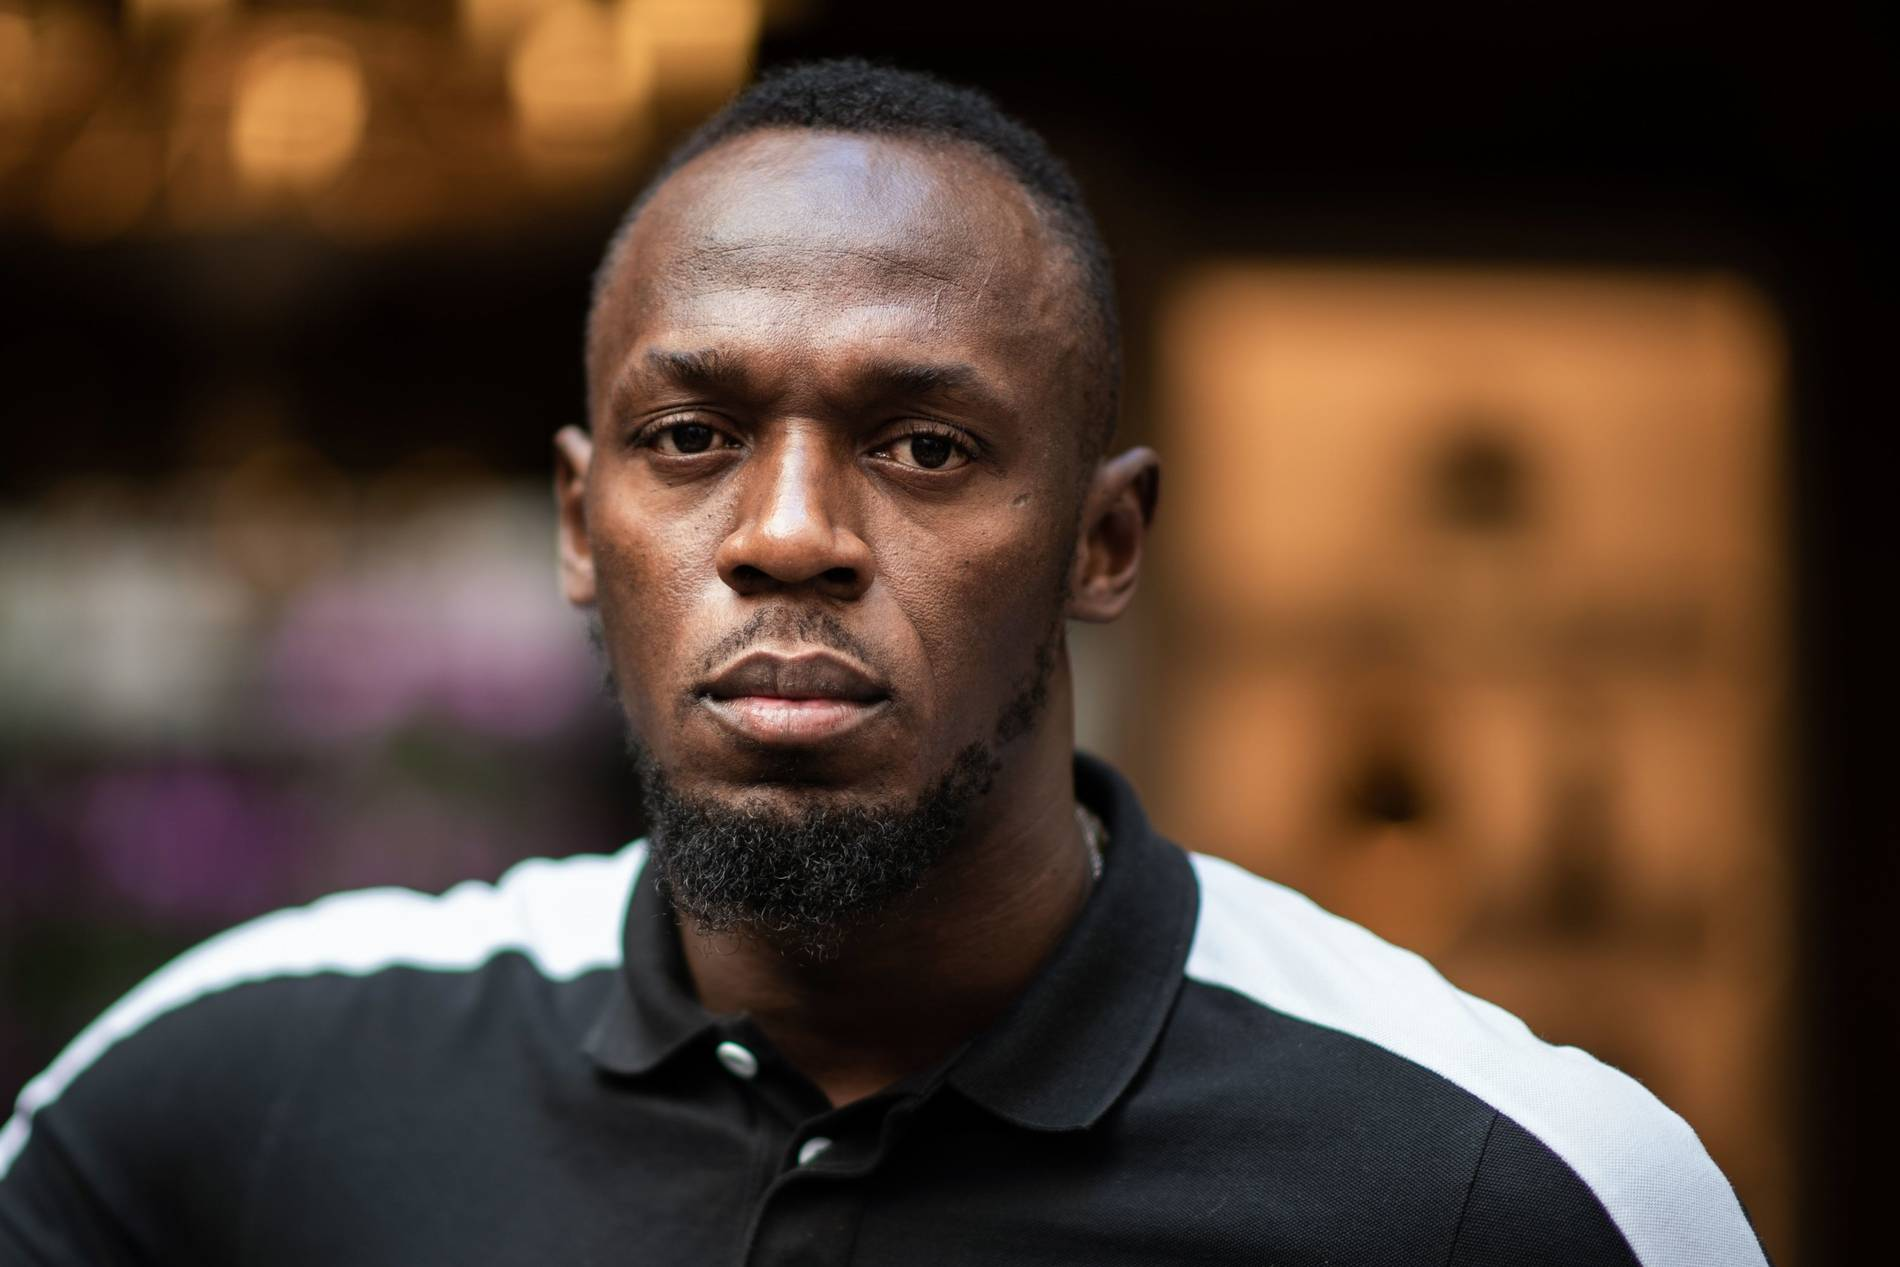 Infiziert! Usain Bolt holt sich Coronavirus auf eigener Geburtstagsparty